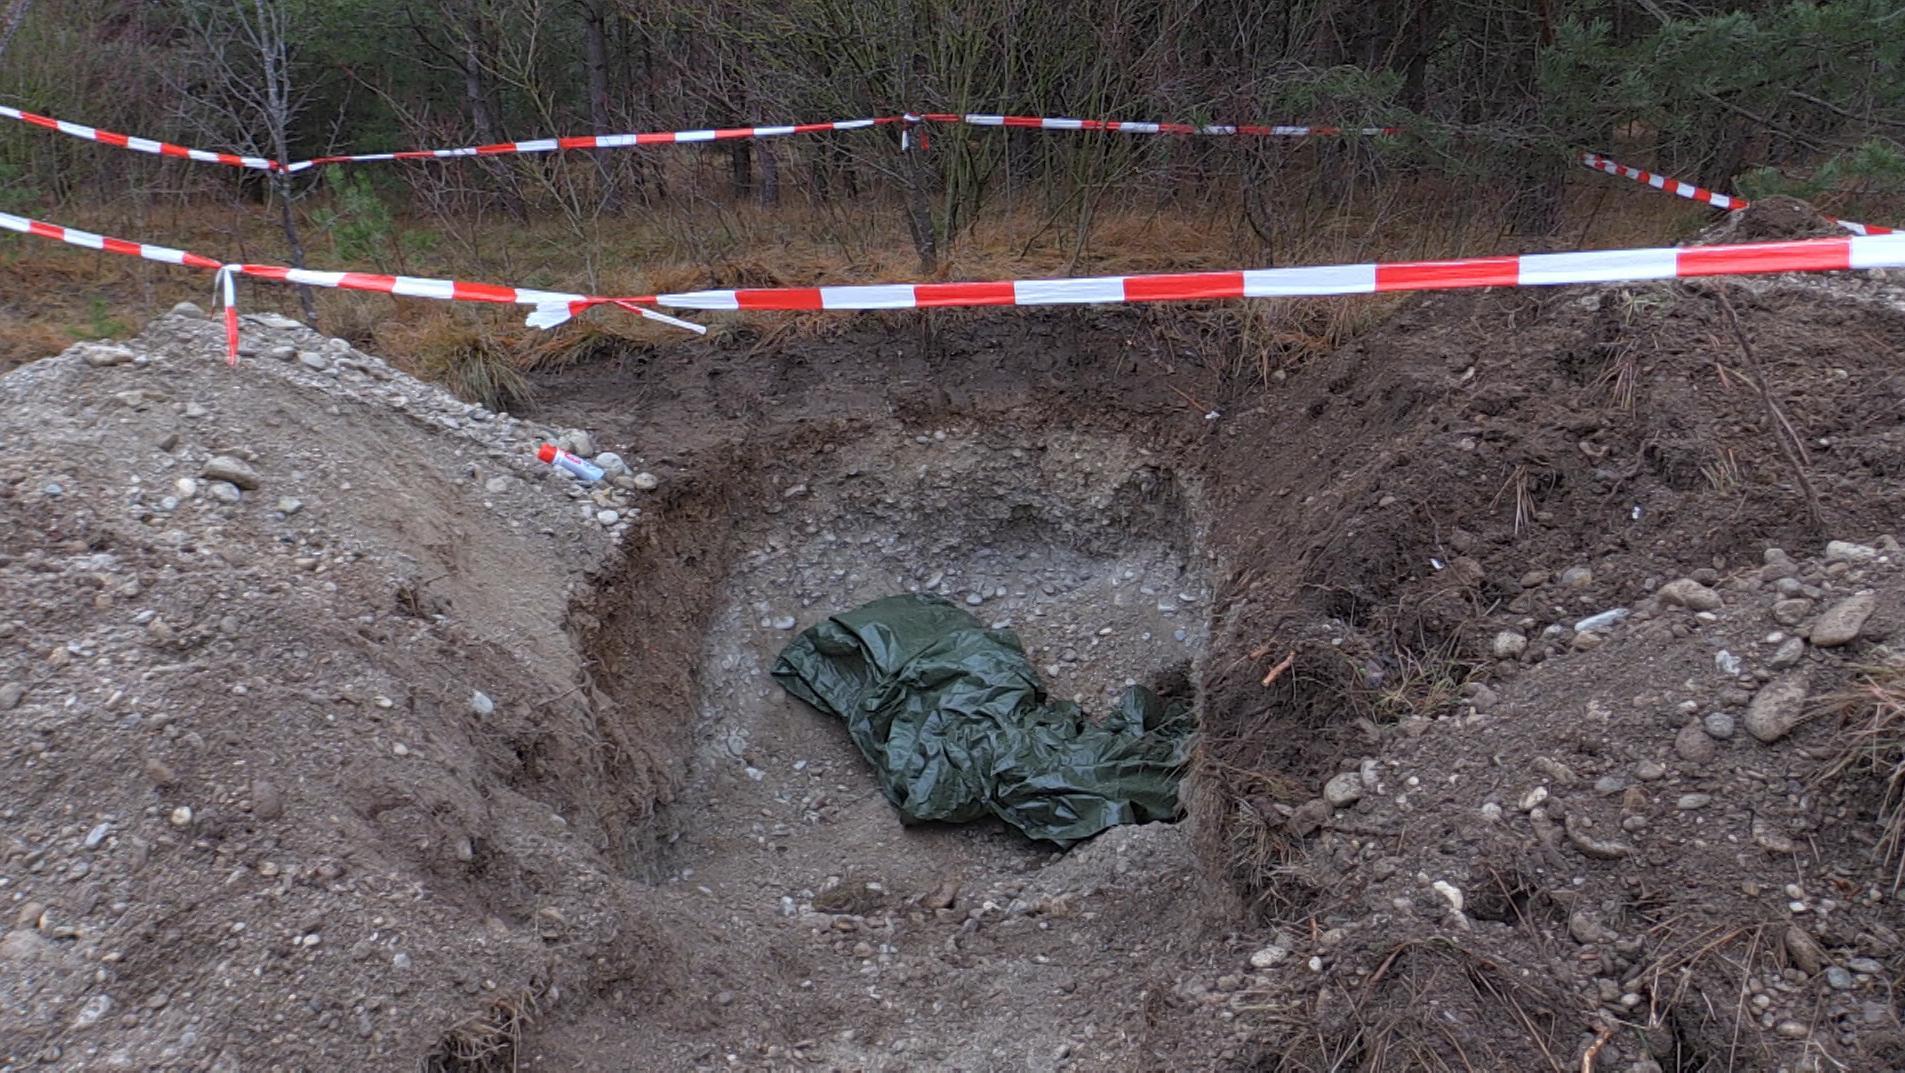 Im Münchner Stadtteil Freimann ist eine Fliegerbombe aus dem Zweiten Weltkrieg gefunden worden.